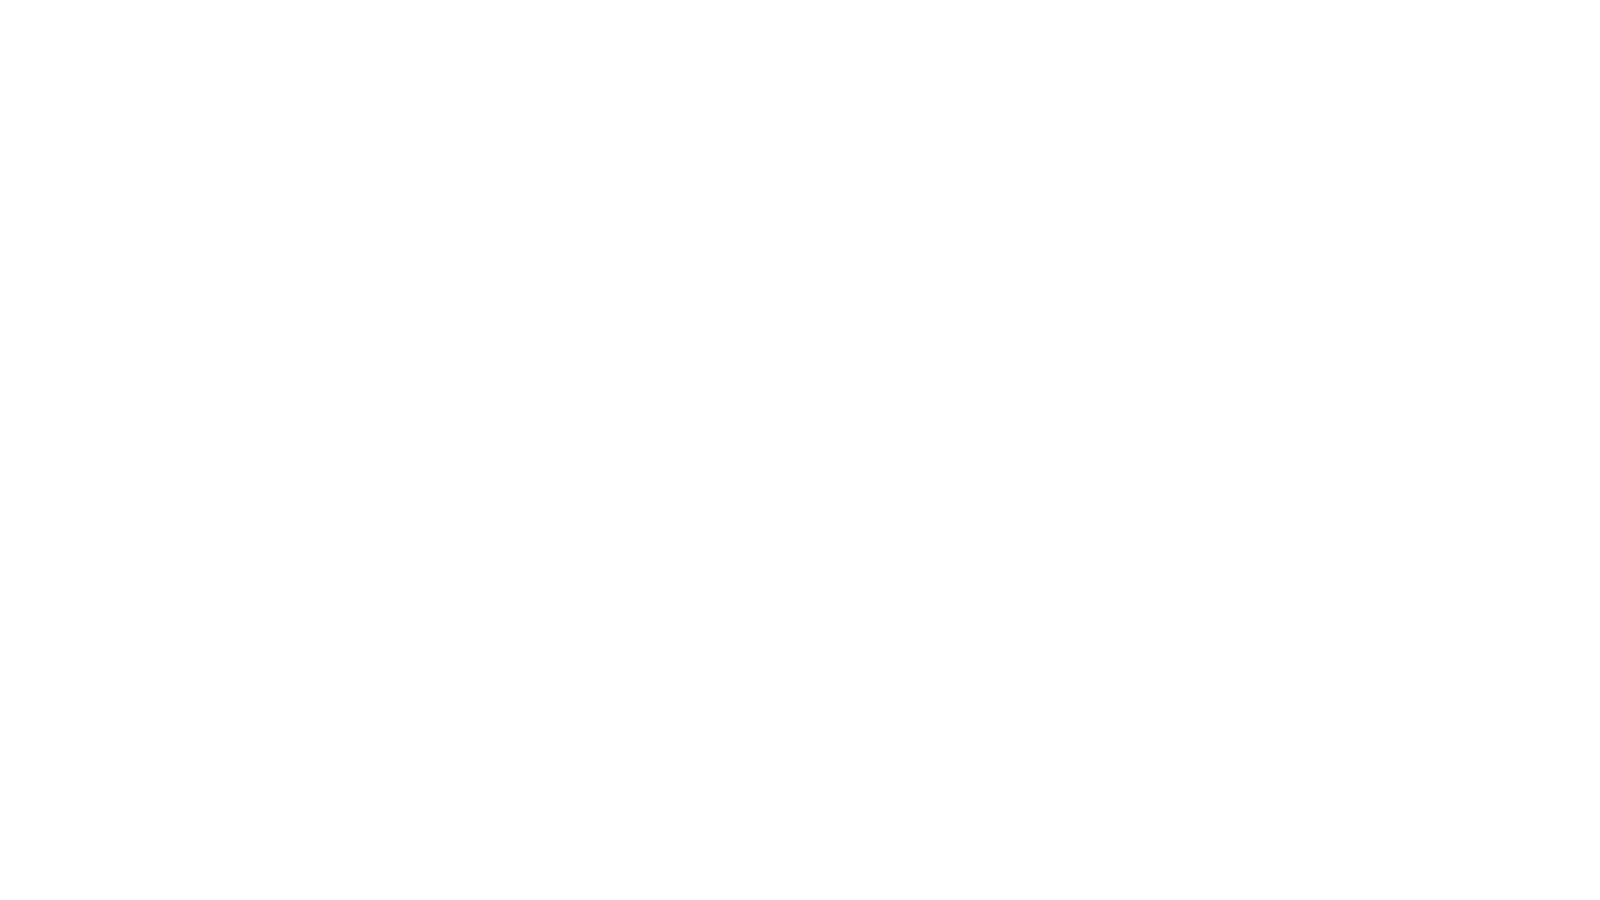 Bayındır'ın Canlı Semtinde Ağaç Türü ve Çalı türü gibi Ürünleri Yetiştiren Umut Çiçekçilik için Firmamız Tarafından Hazırlanan Tanıtım Filmi   mbkmedya.com